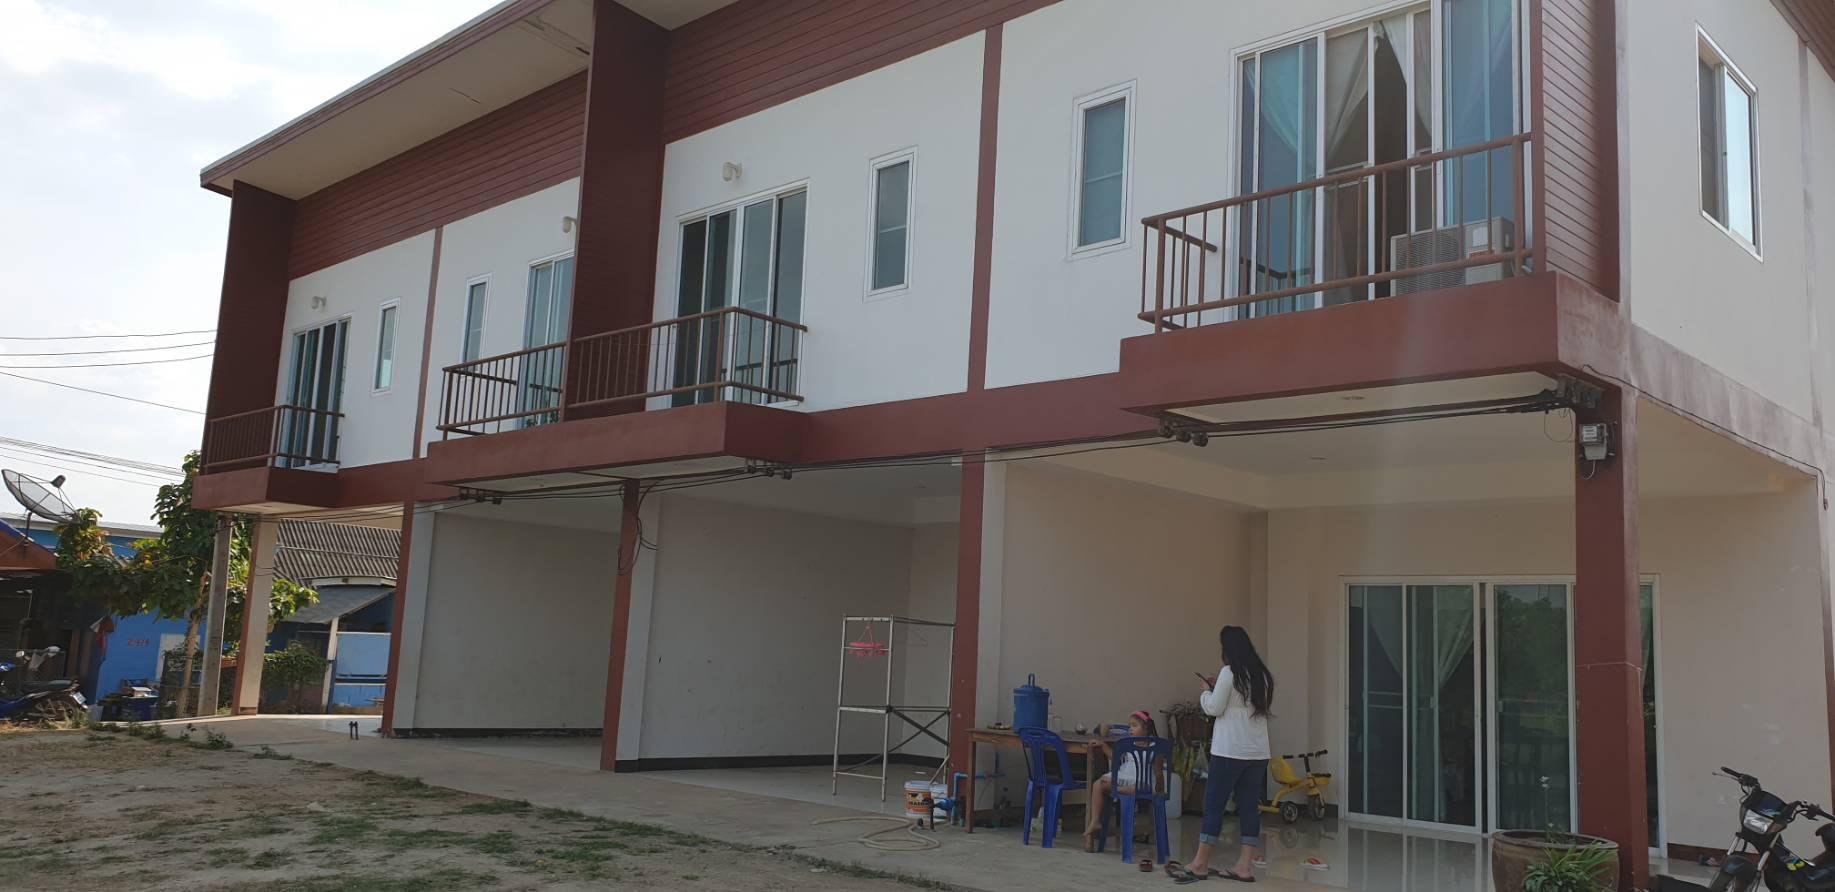 ขายอาคารพาณิชย์ ปากช่องเขาใหญ่ พร้อมอยู่อาศัย 2 ชั้น